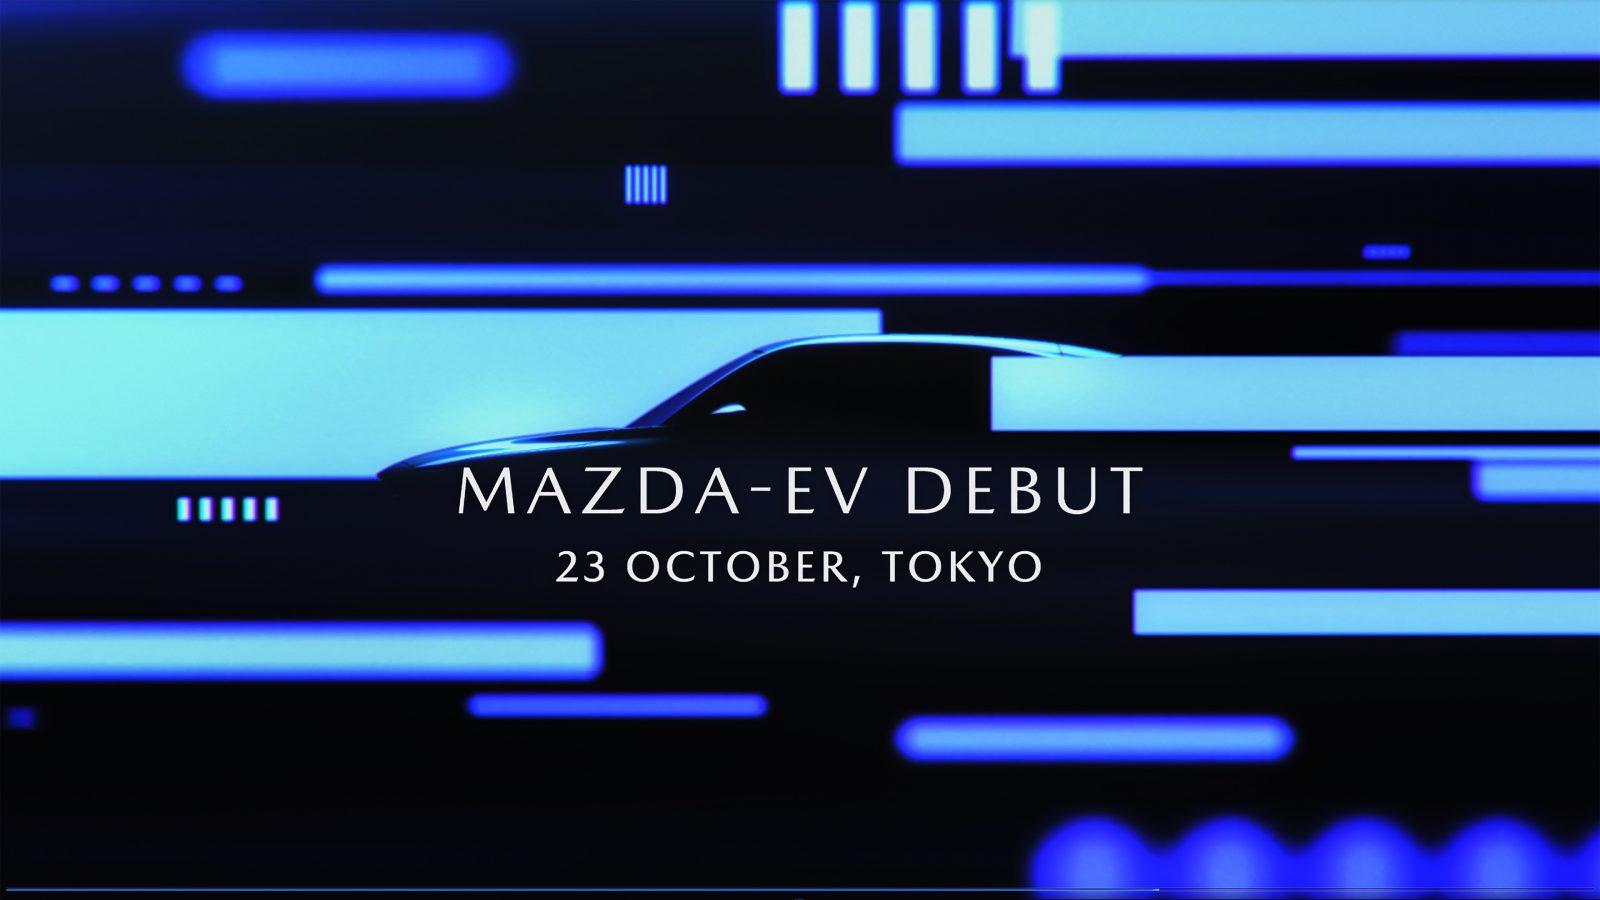 Primer Coche Electrico Mazda